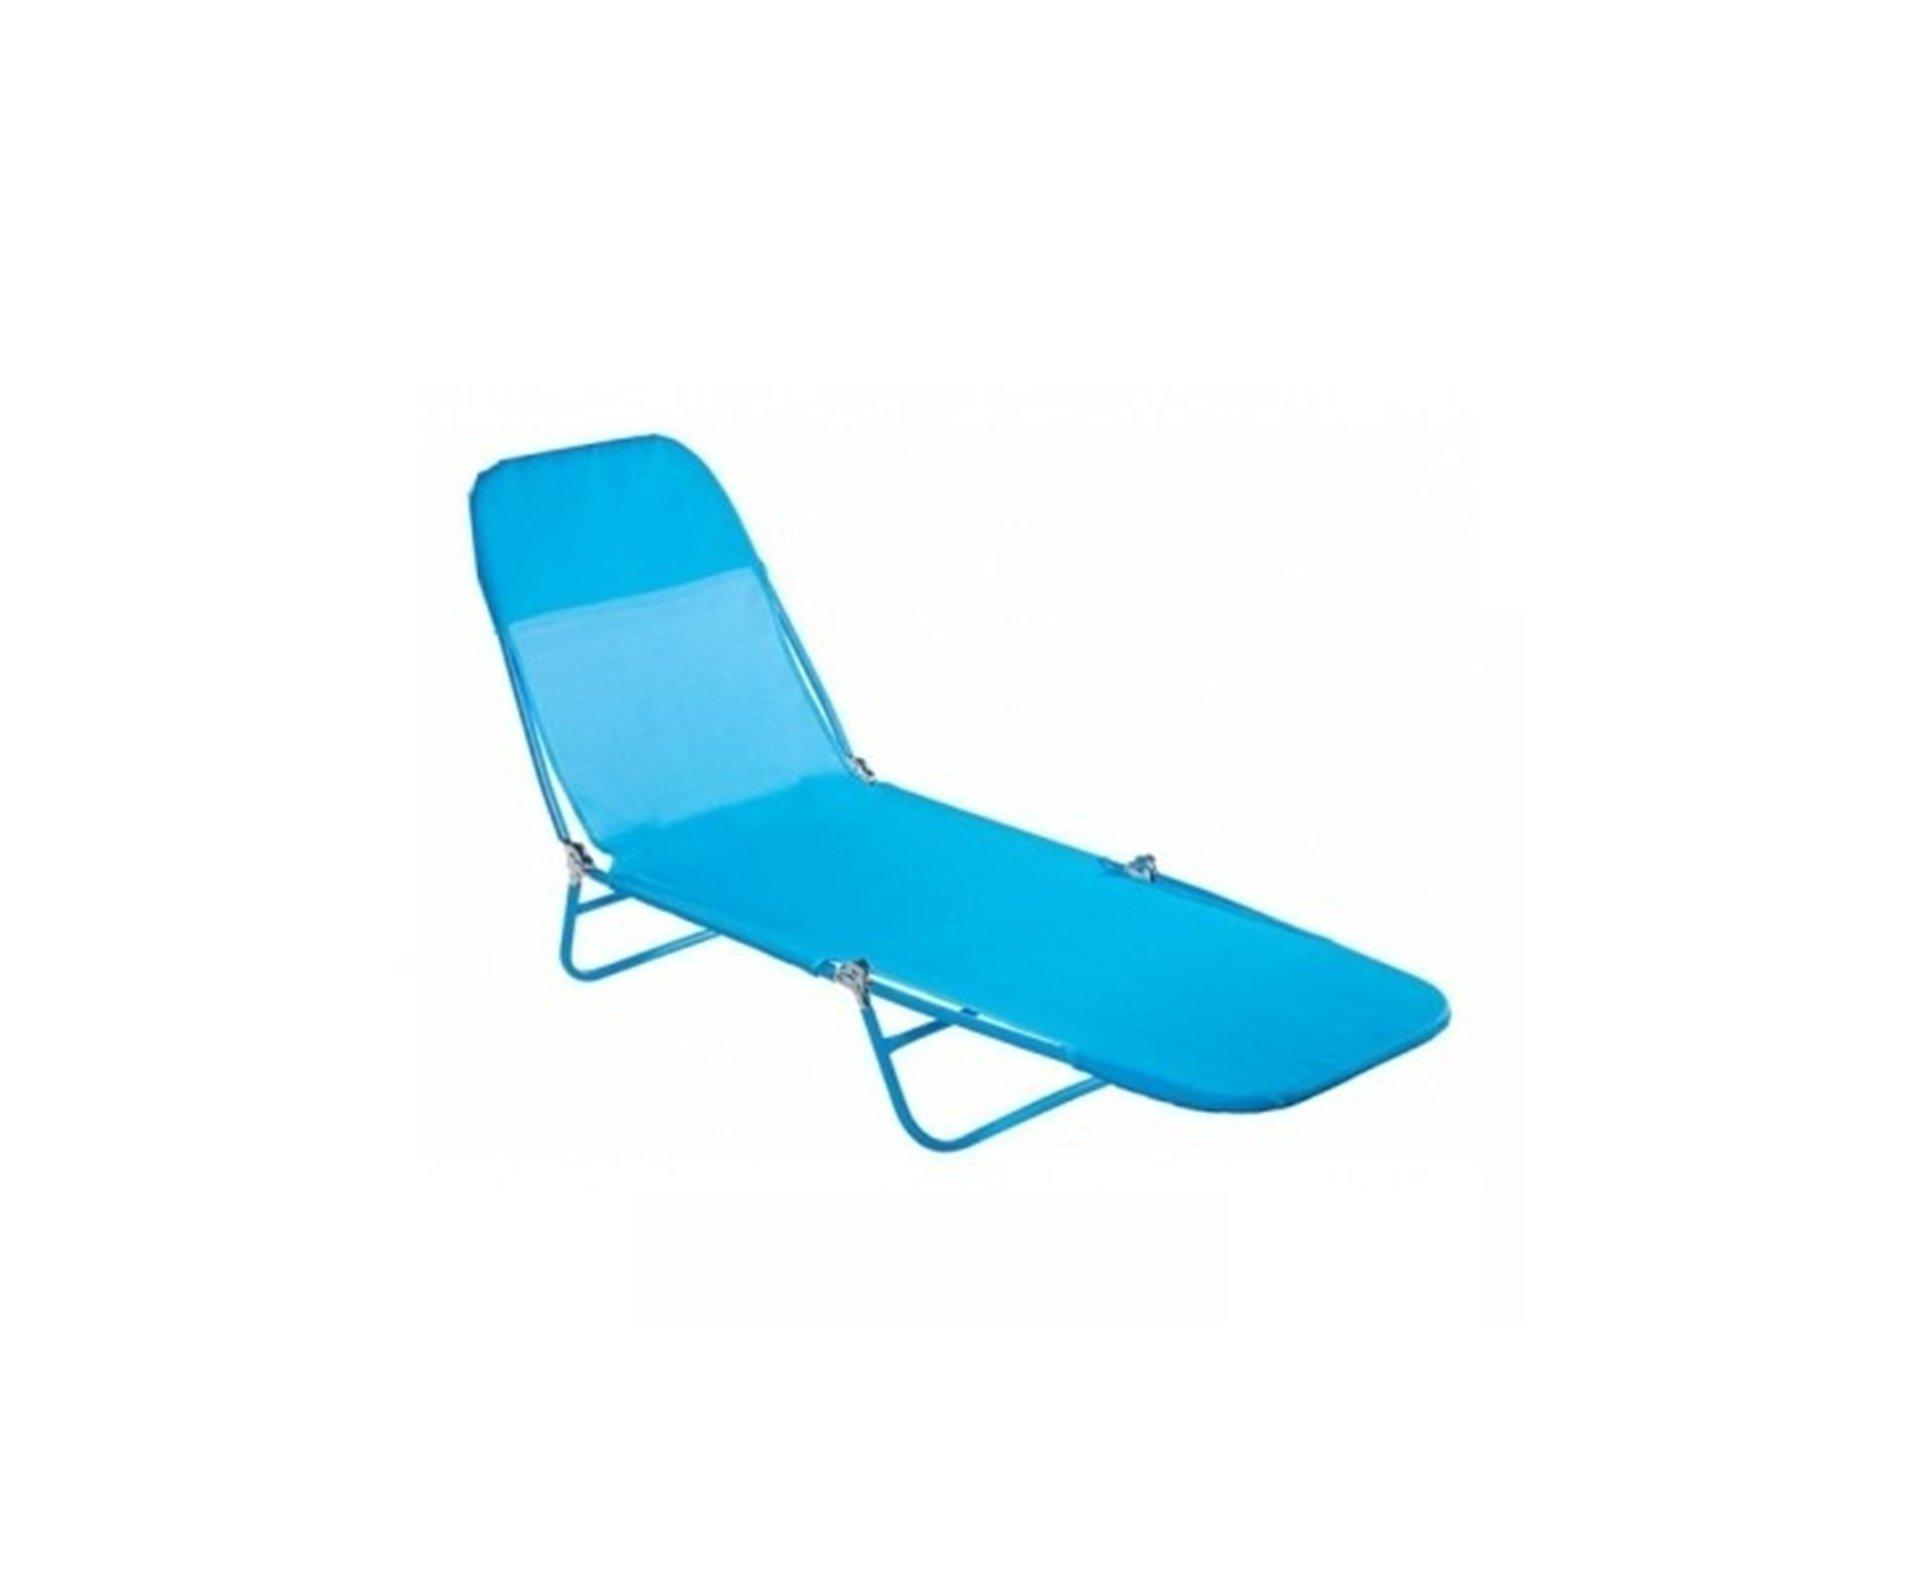 Cadeira Espreguiçadeira Textilene Fashion Azul Claro - Mor